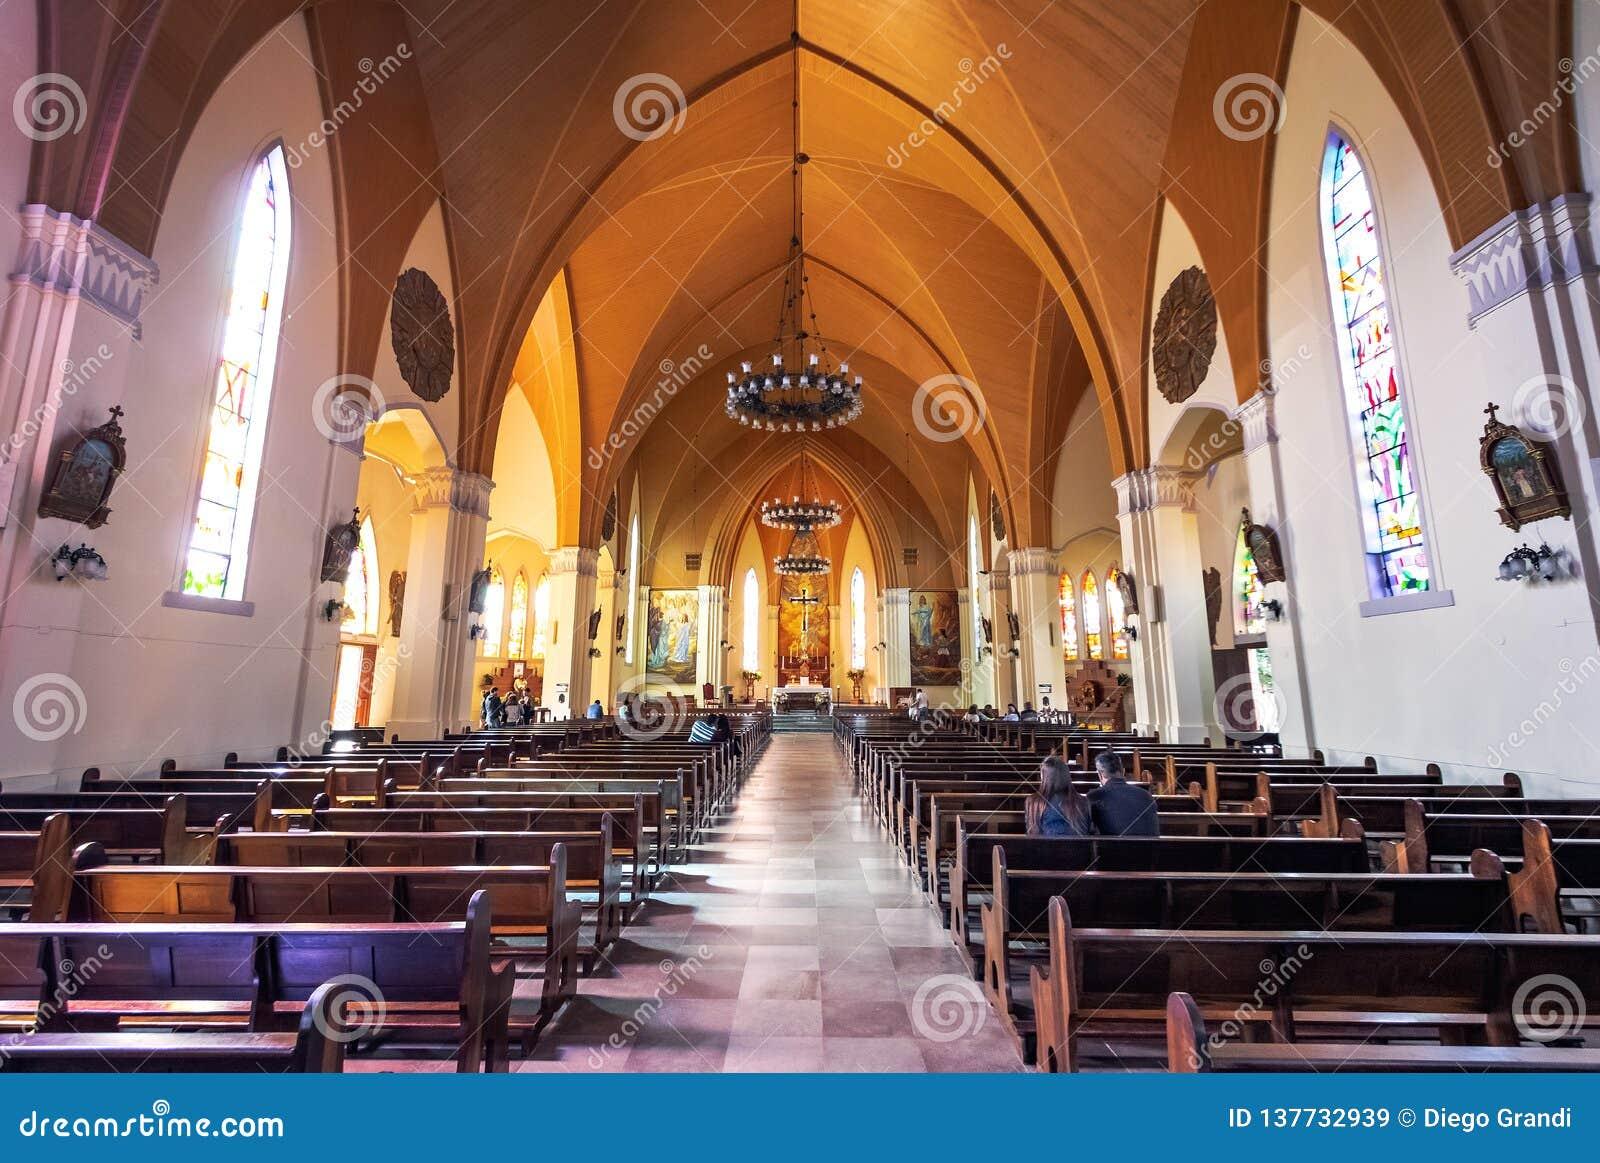 De Kathedraal van de Canelasteen Onze Dame van Lourdes kerkbinnenland - Canela, Rio Grande doet Sul, Brazilië